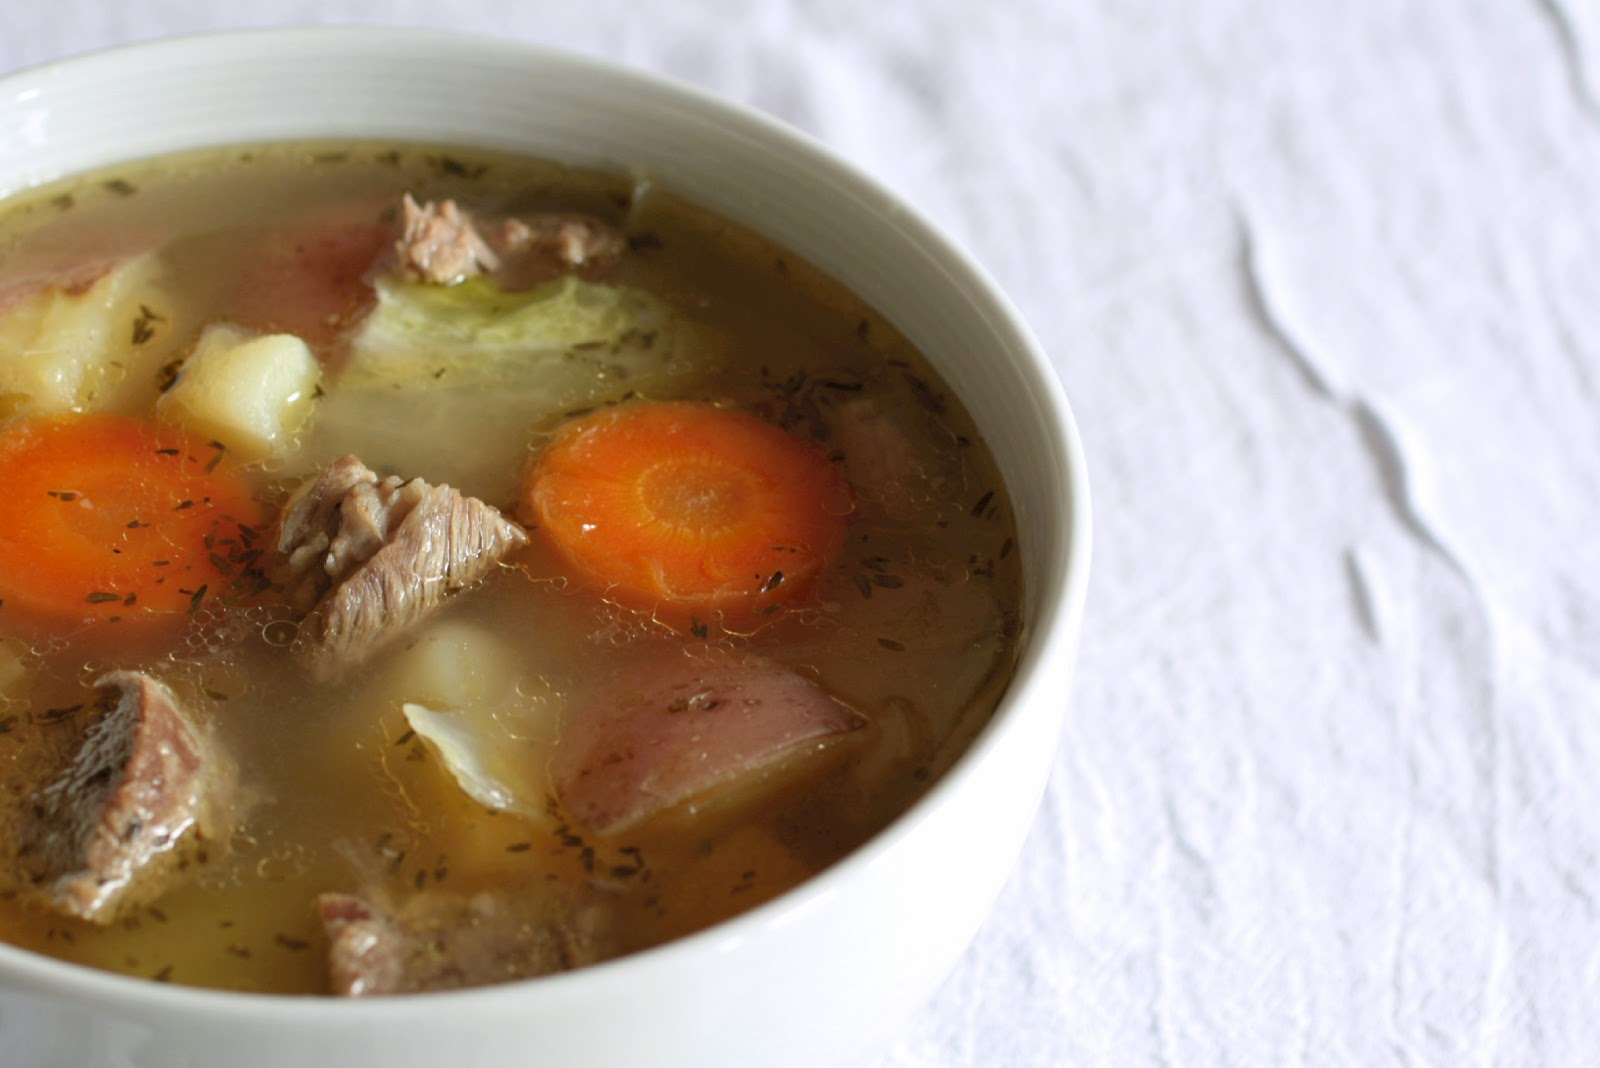 Баранину, морковь и лук выньте из бульона, мясо нарежьте ломтиками и снова положите в бульон.